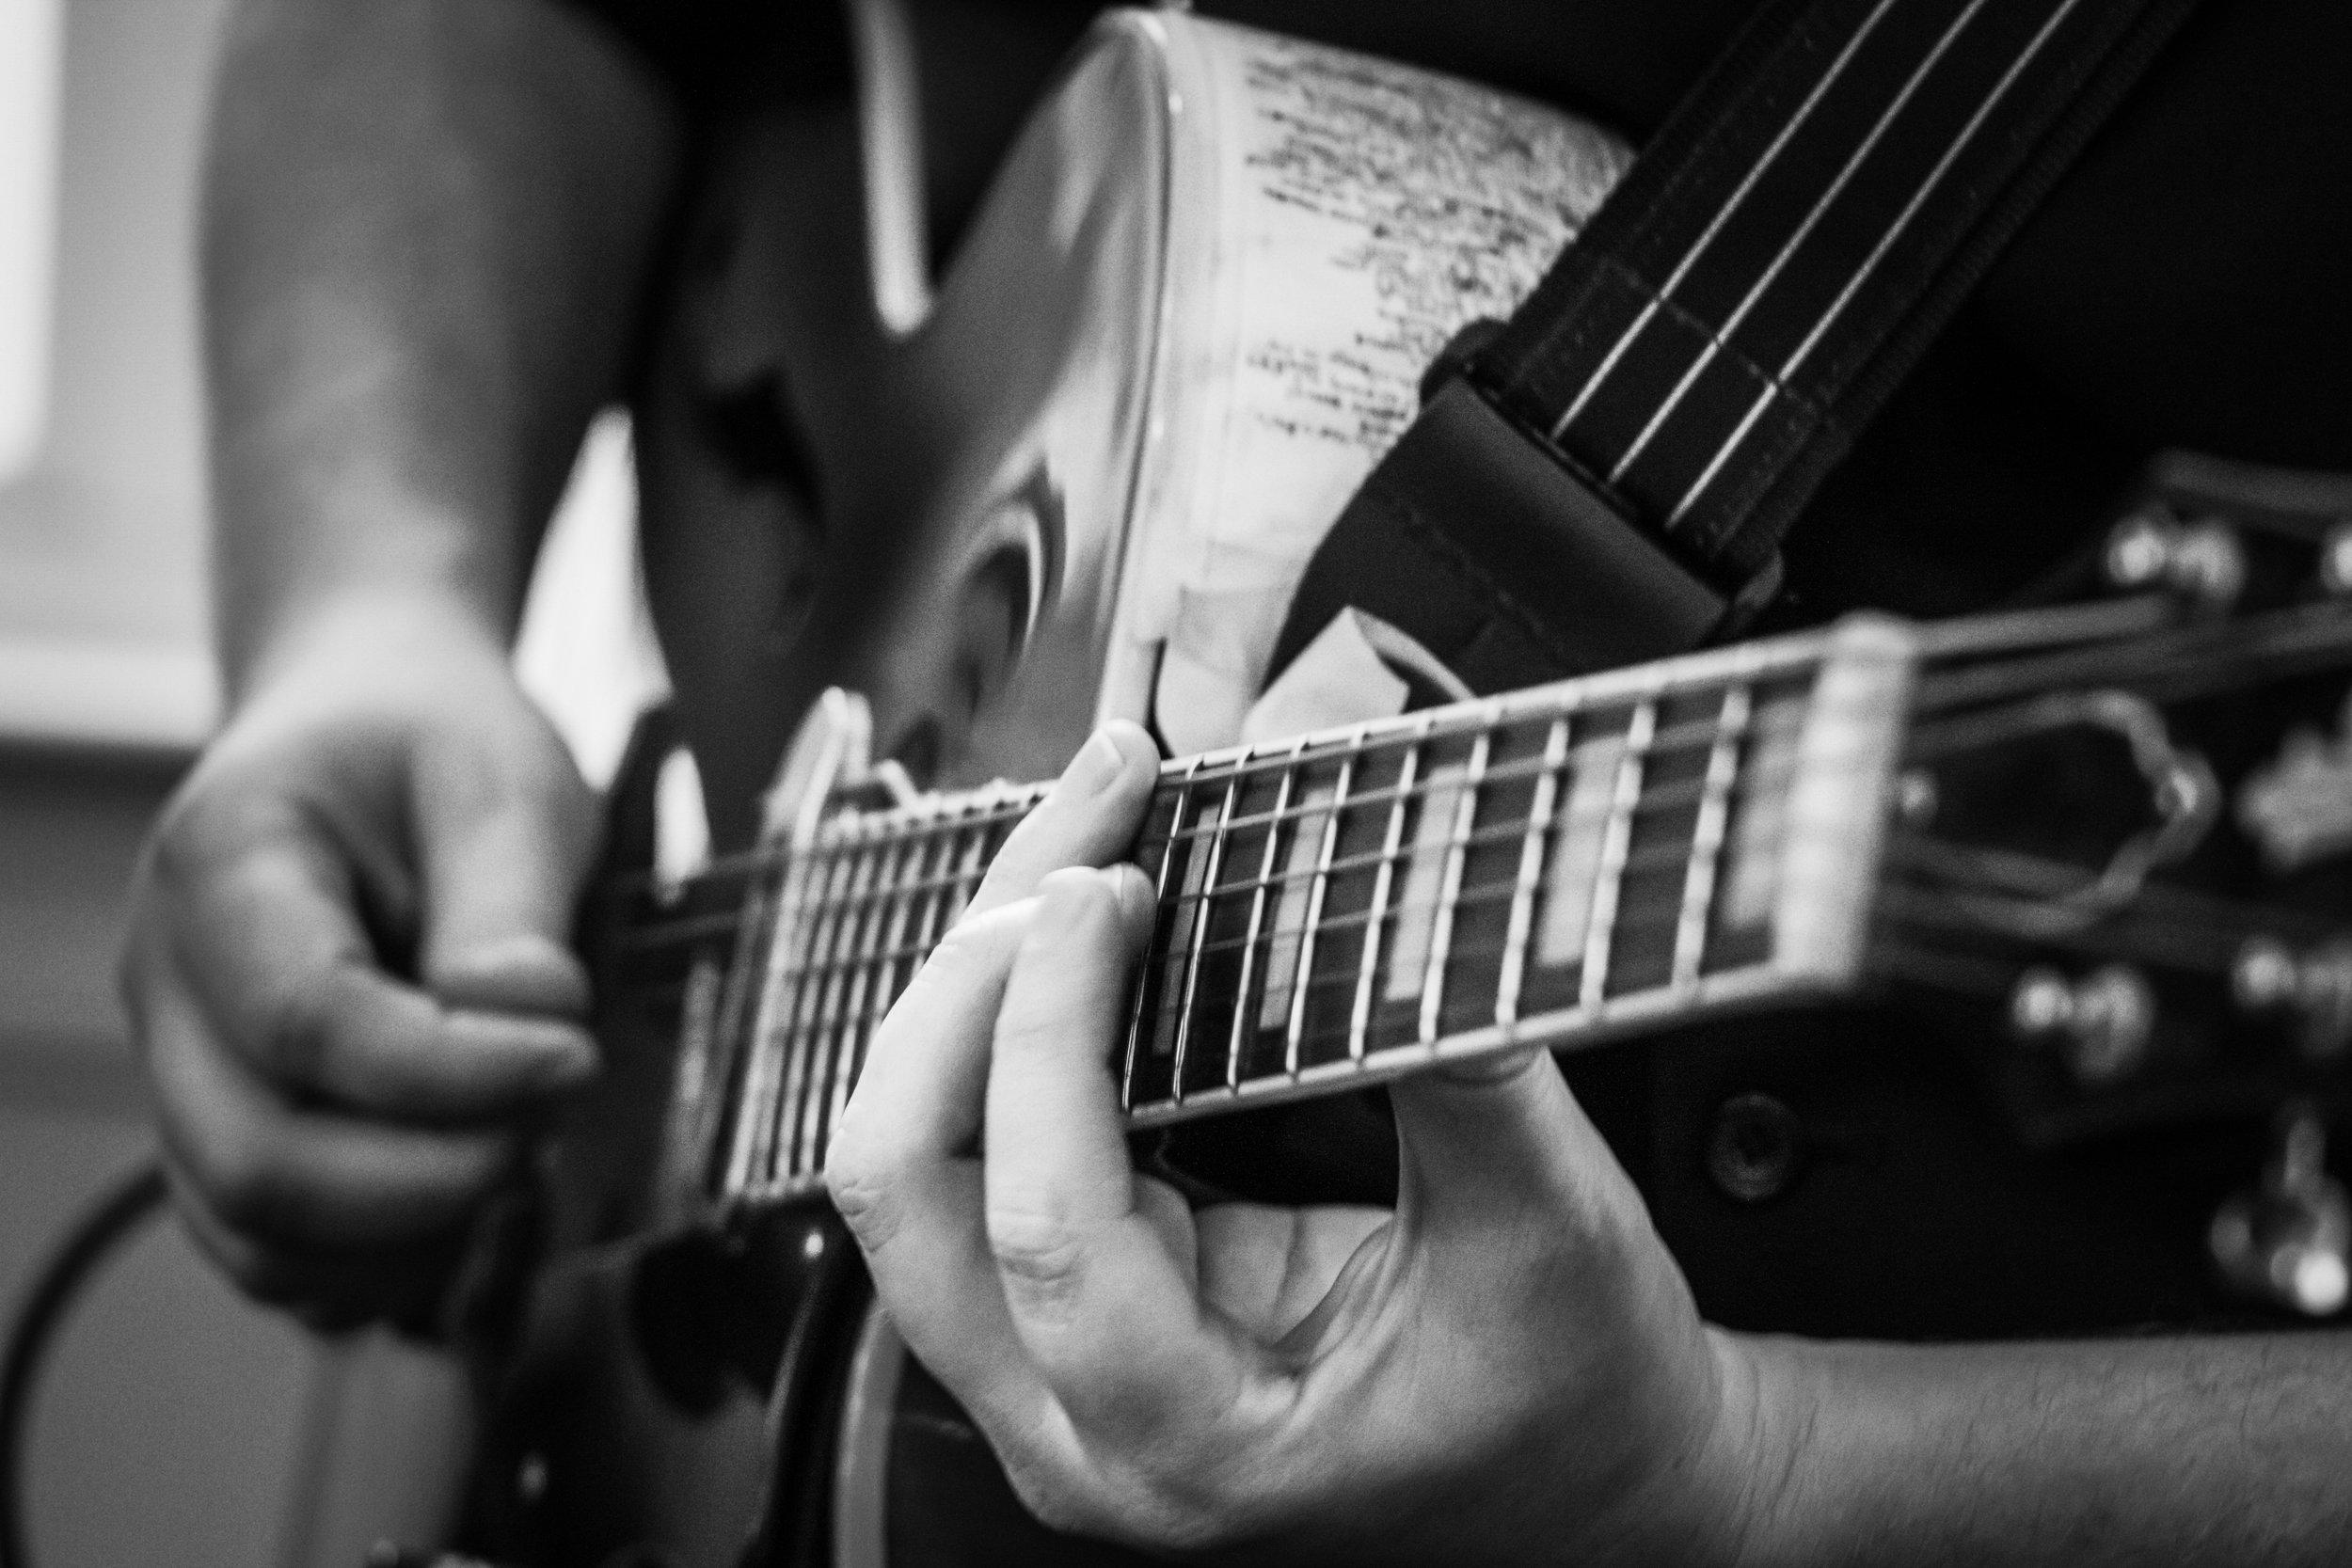 Guitarist - Daniel DeLorenzo